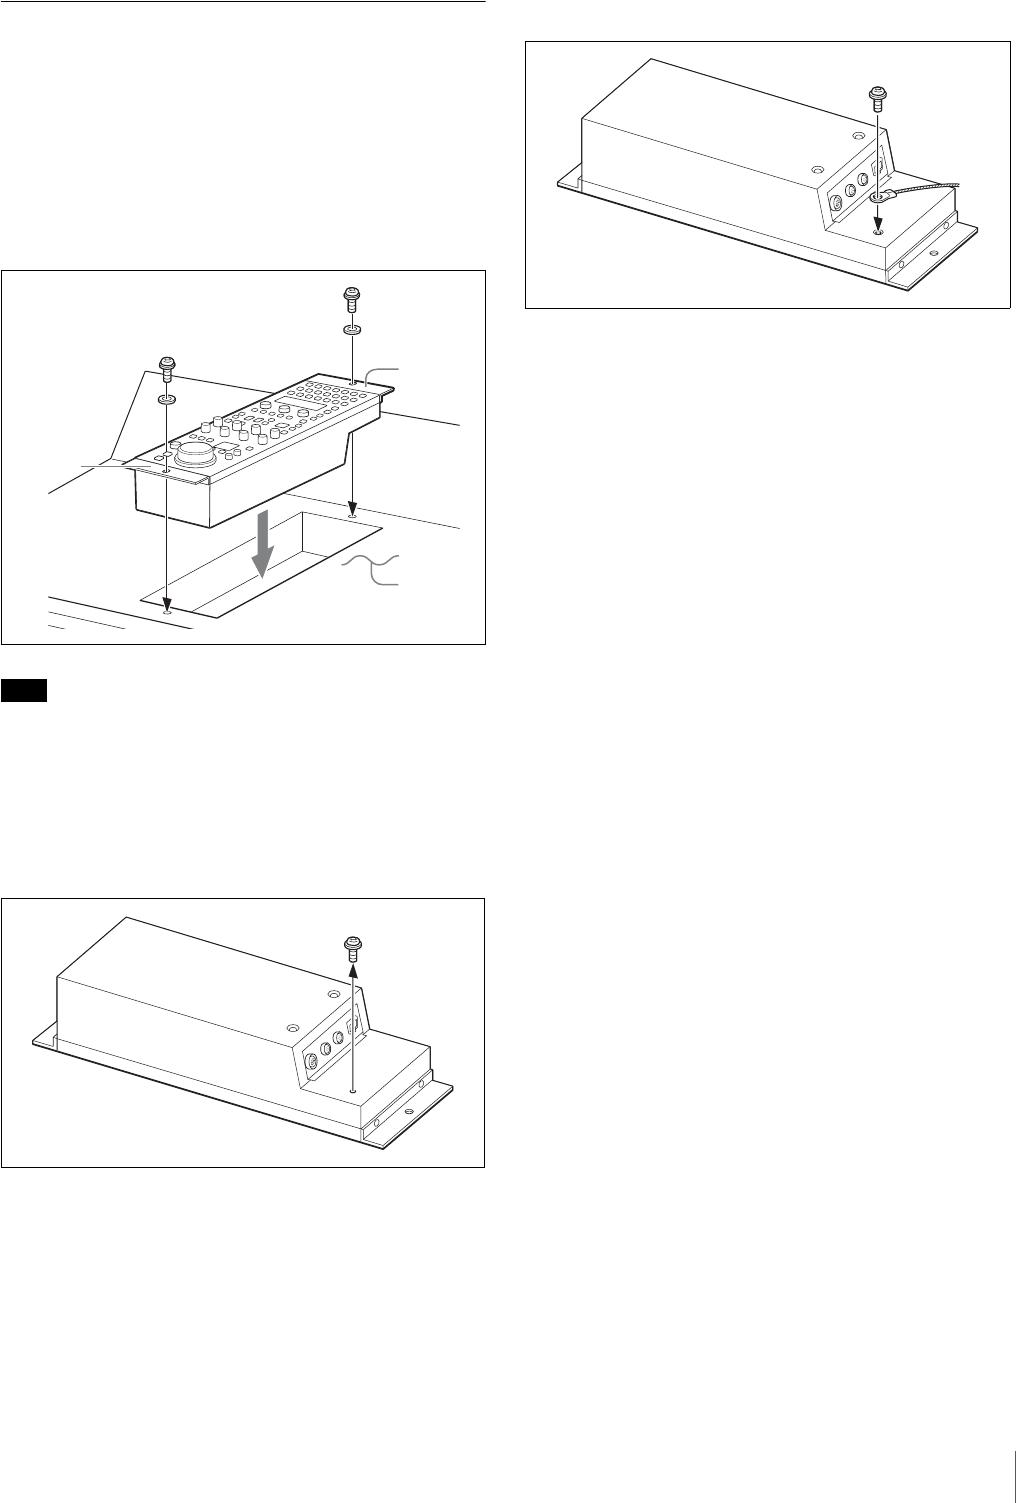 Sony Garage Door Opener Rcp 920 Users Manual 920/921